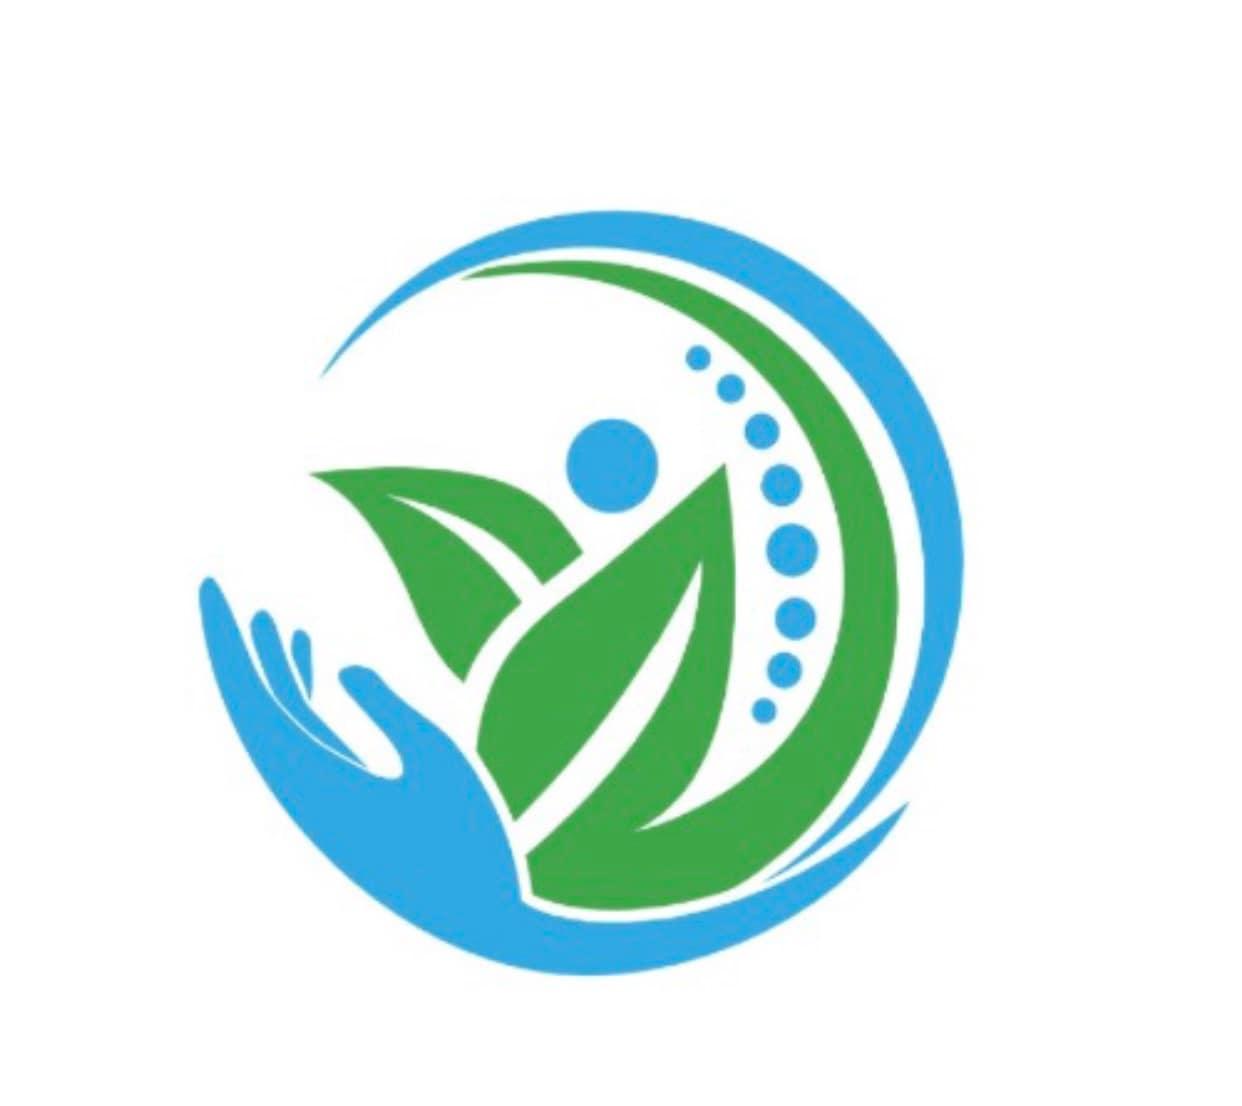 Morningstar Landscaping & Construction Inc. logo